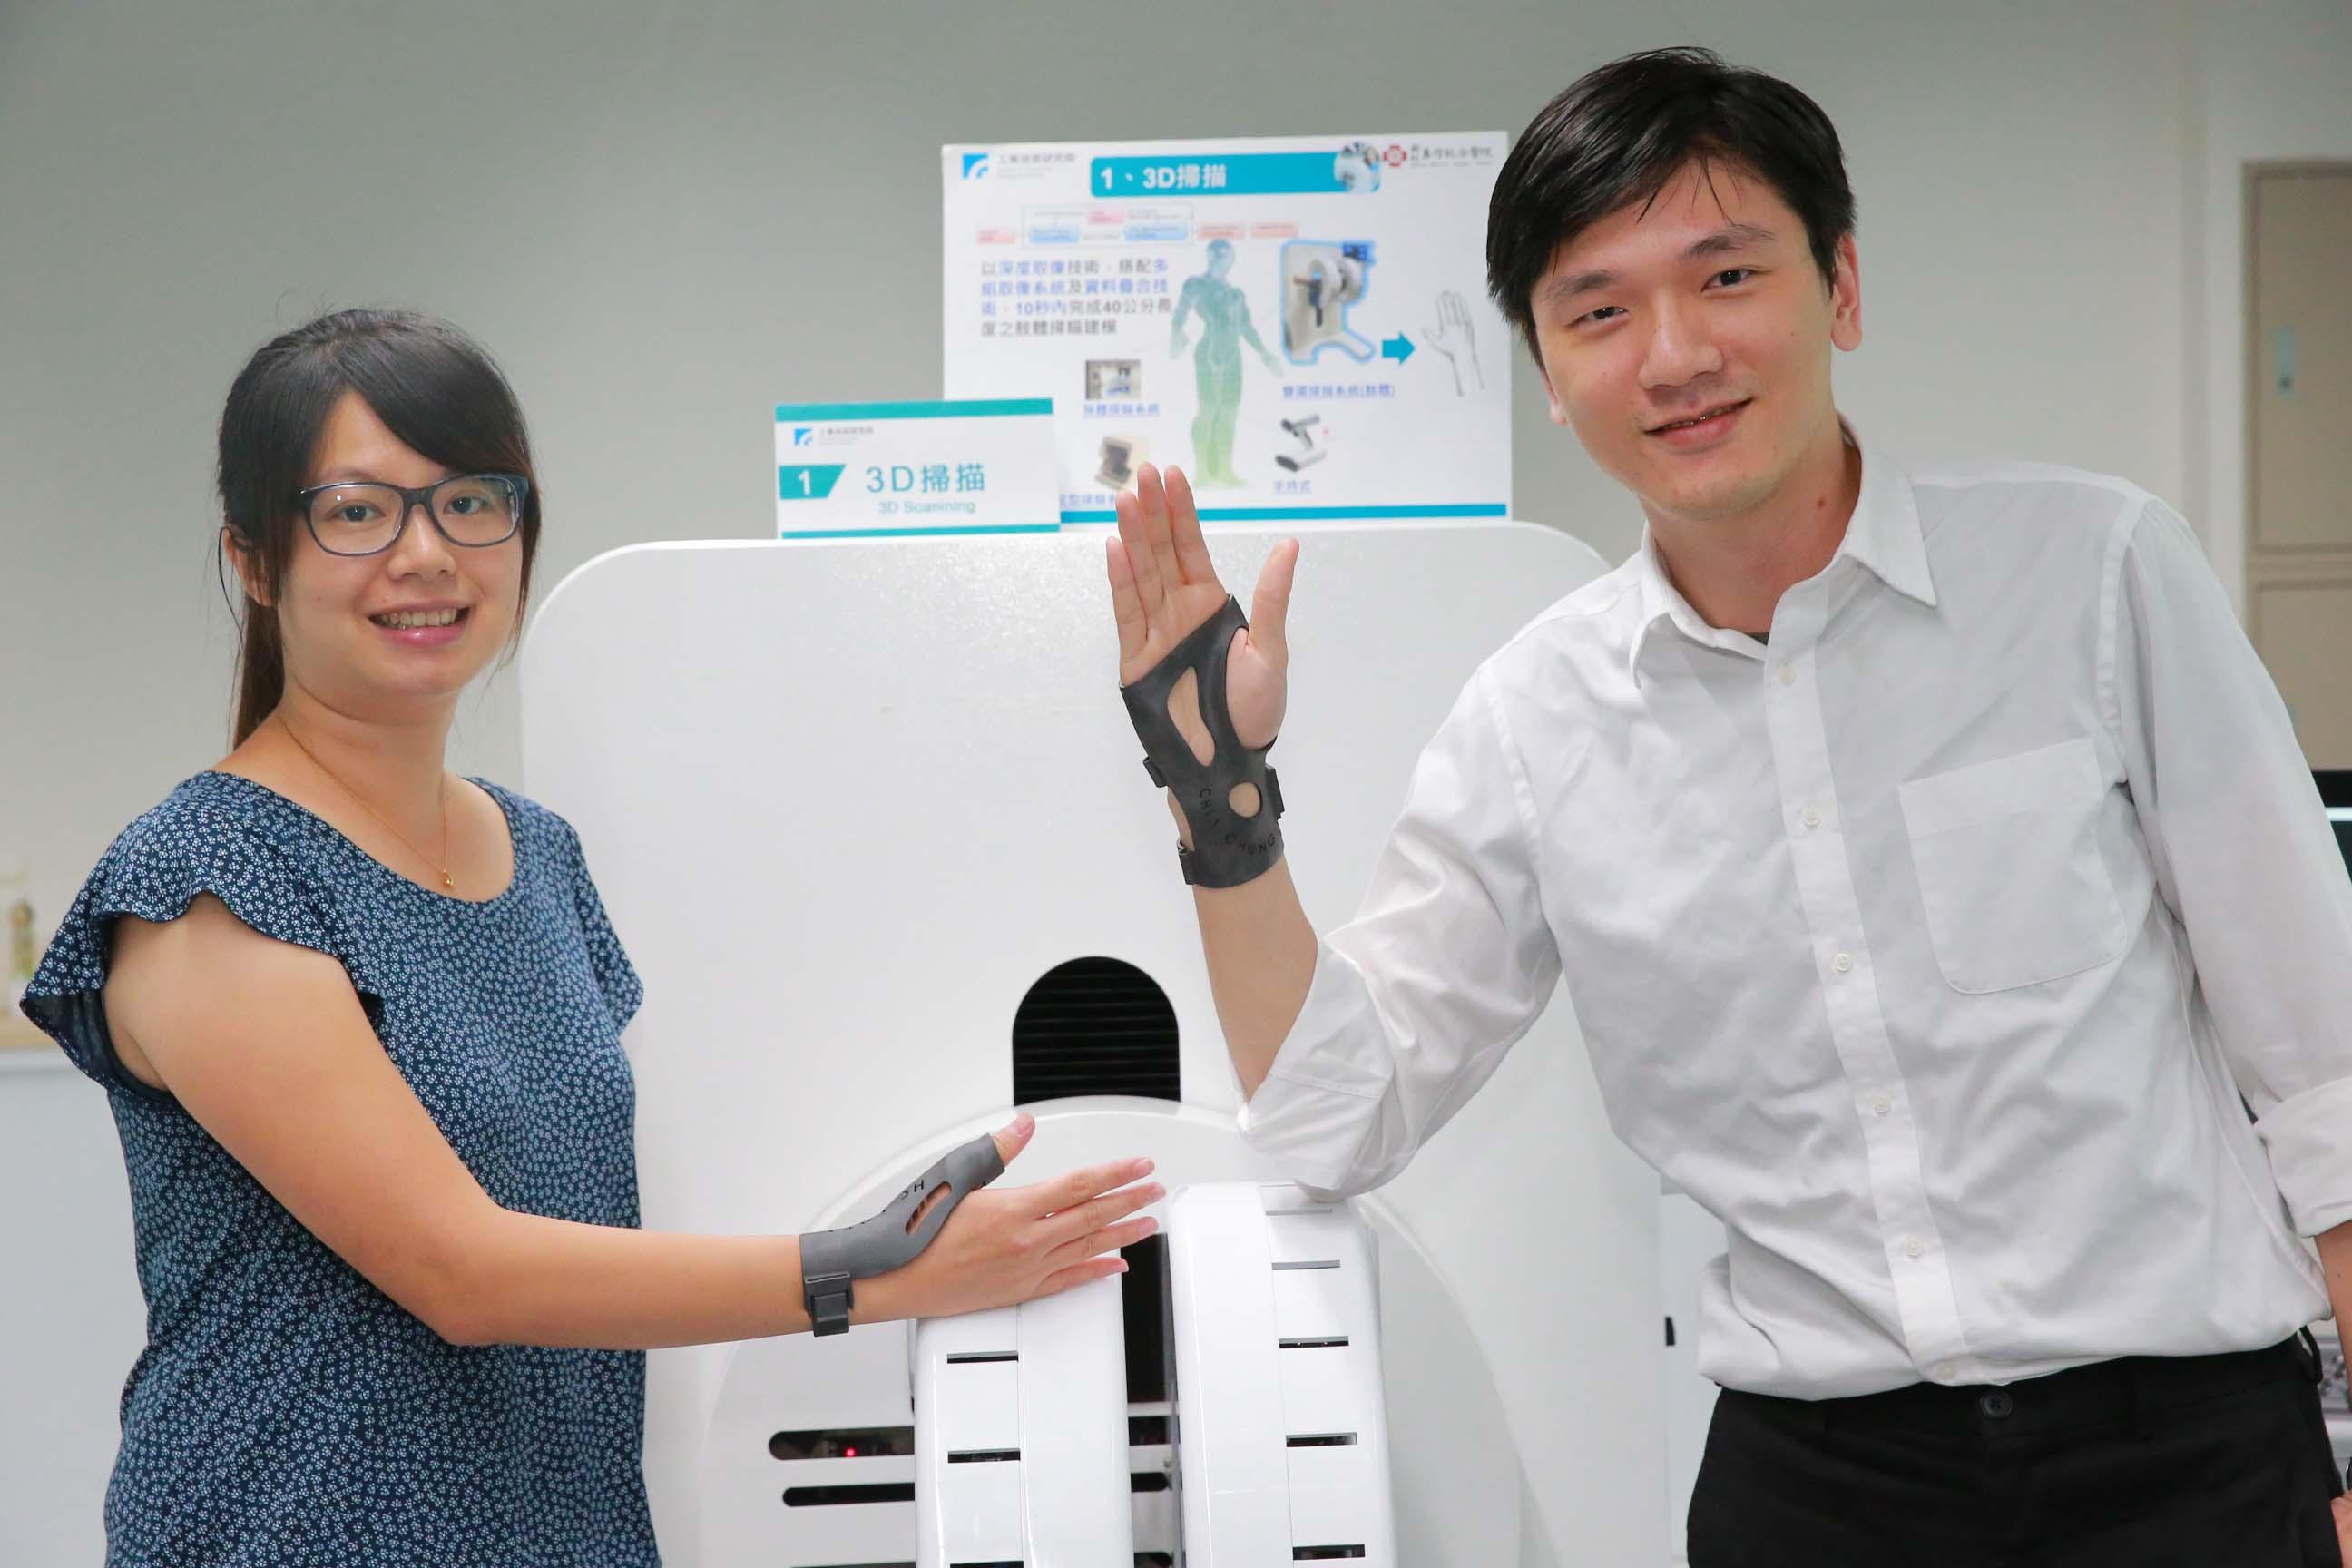 工研院與新竹馬偕醫院合作開發3D列印輔護具,已提供媽媽手及滑鼠手等腕部復健患者進行人體試驗。